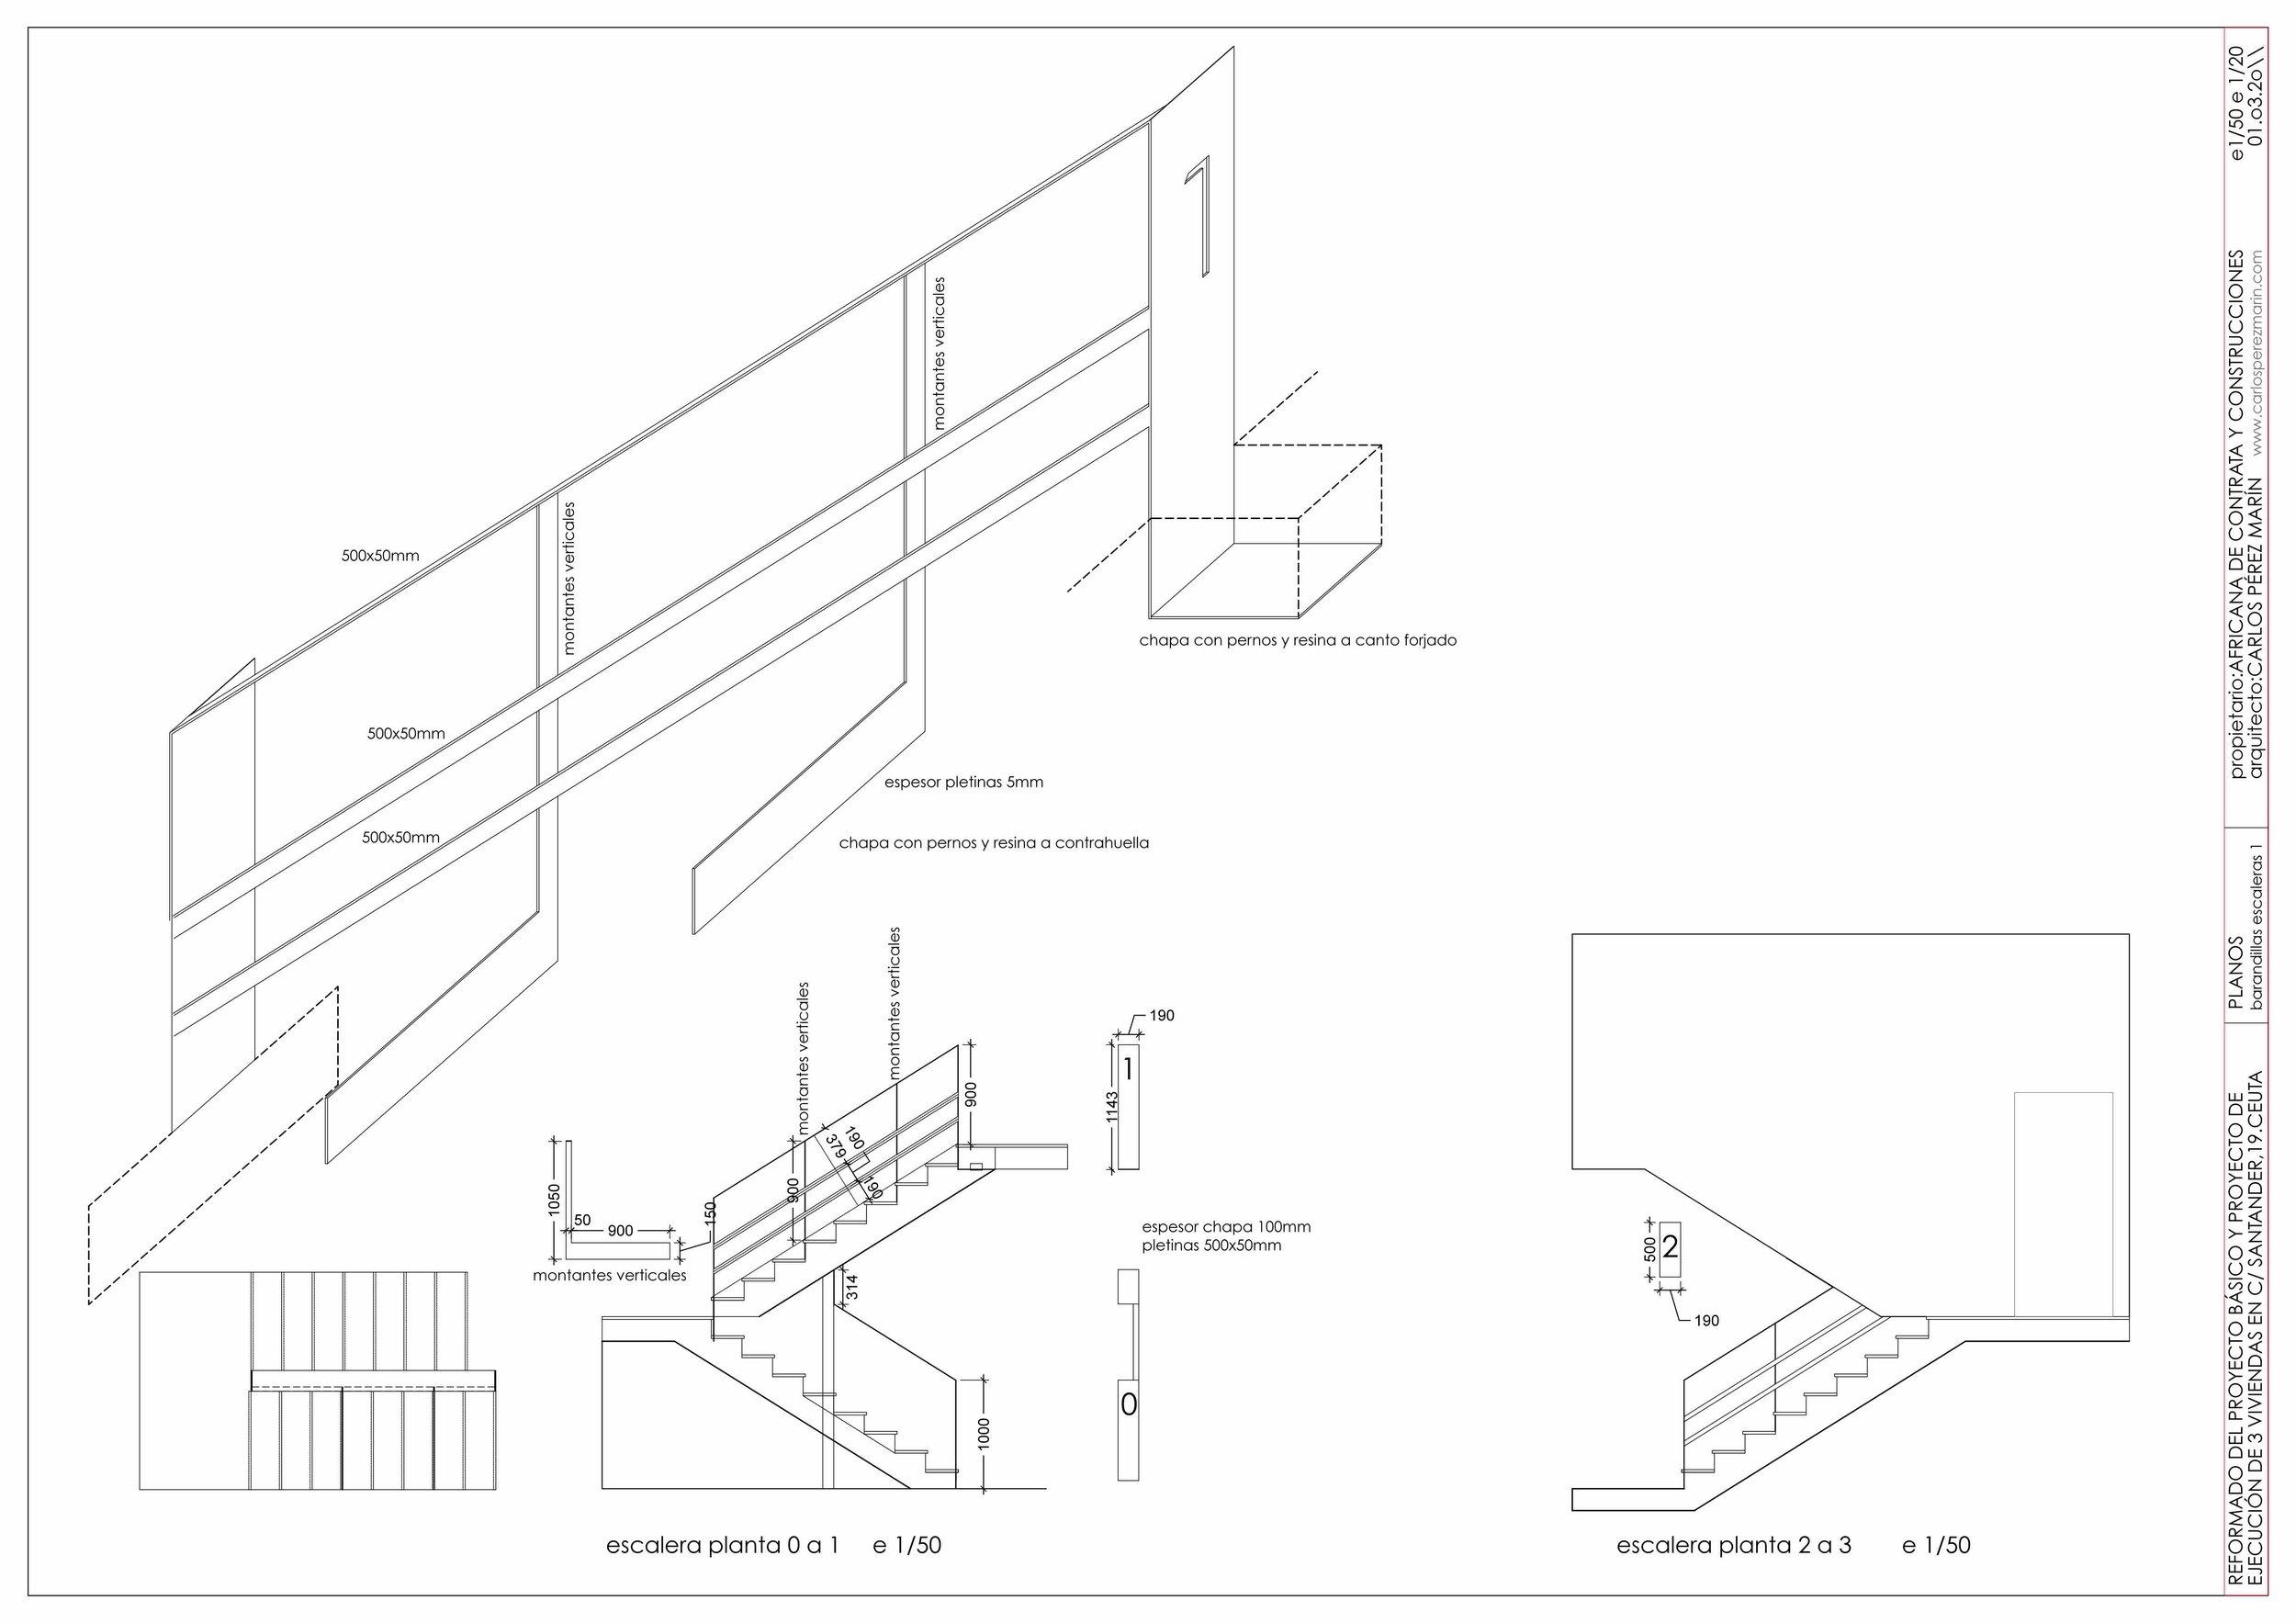 barandillas escaleras comunes 11.03.01.jpg